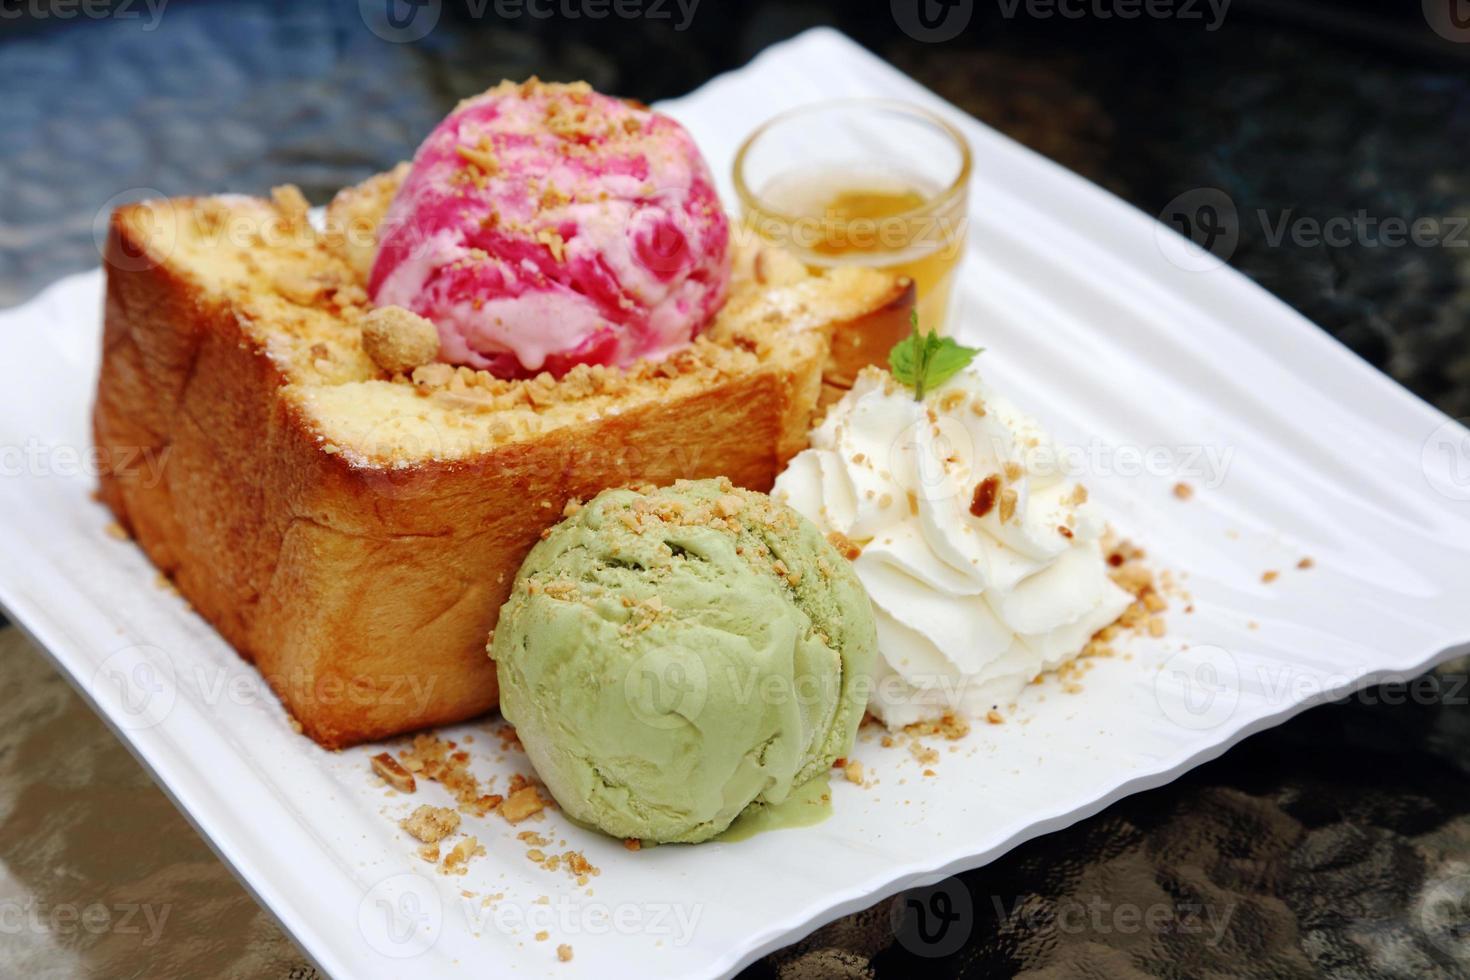 jordgubbsglass och grönt te och bröd. foto